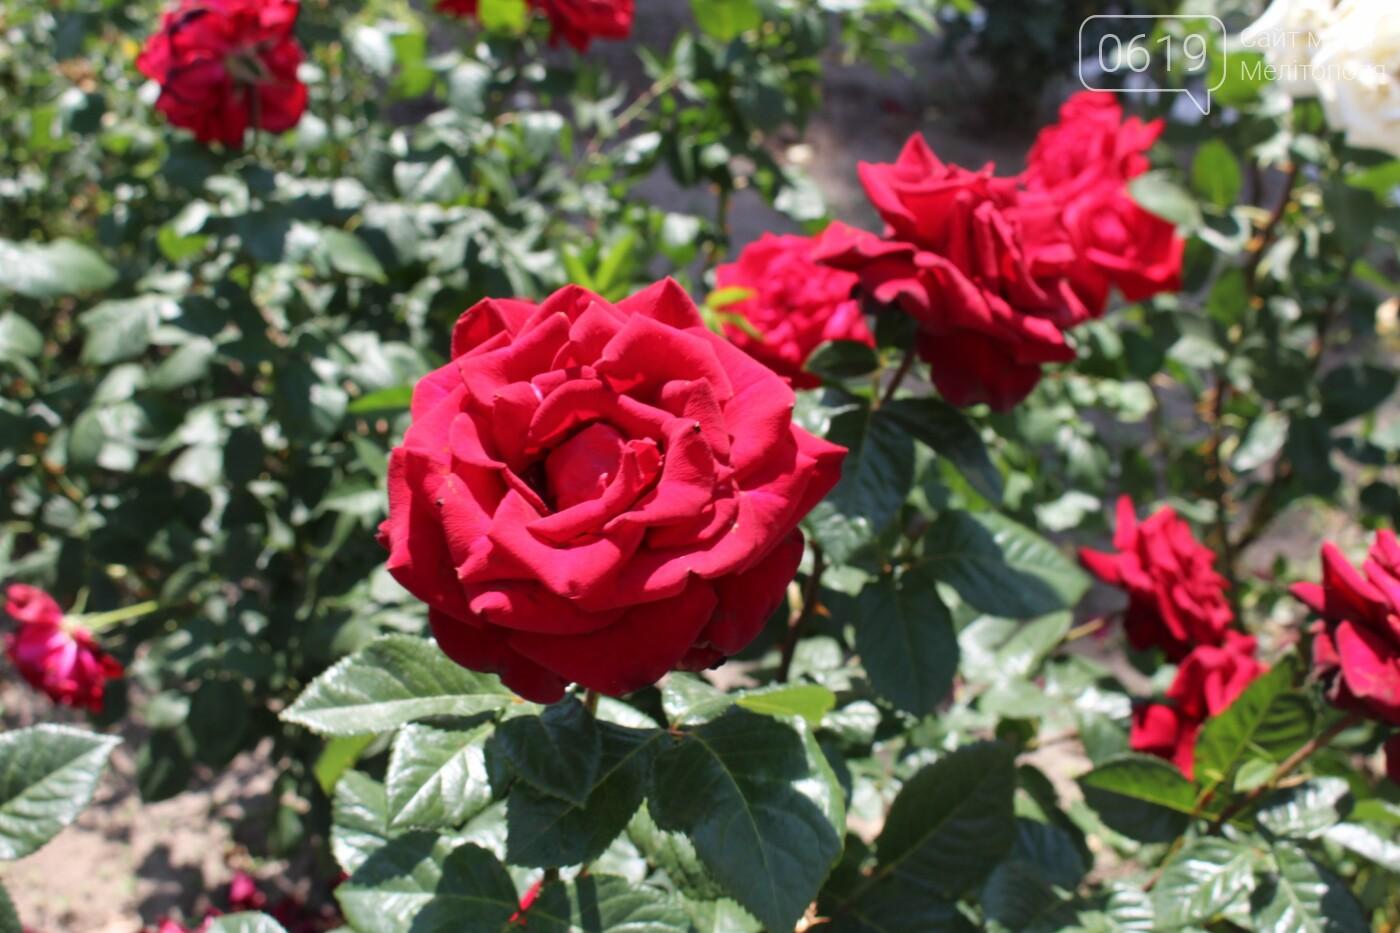 Мелитополь - город роз: королева цветов повсюду, фото-5